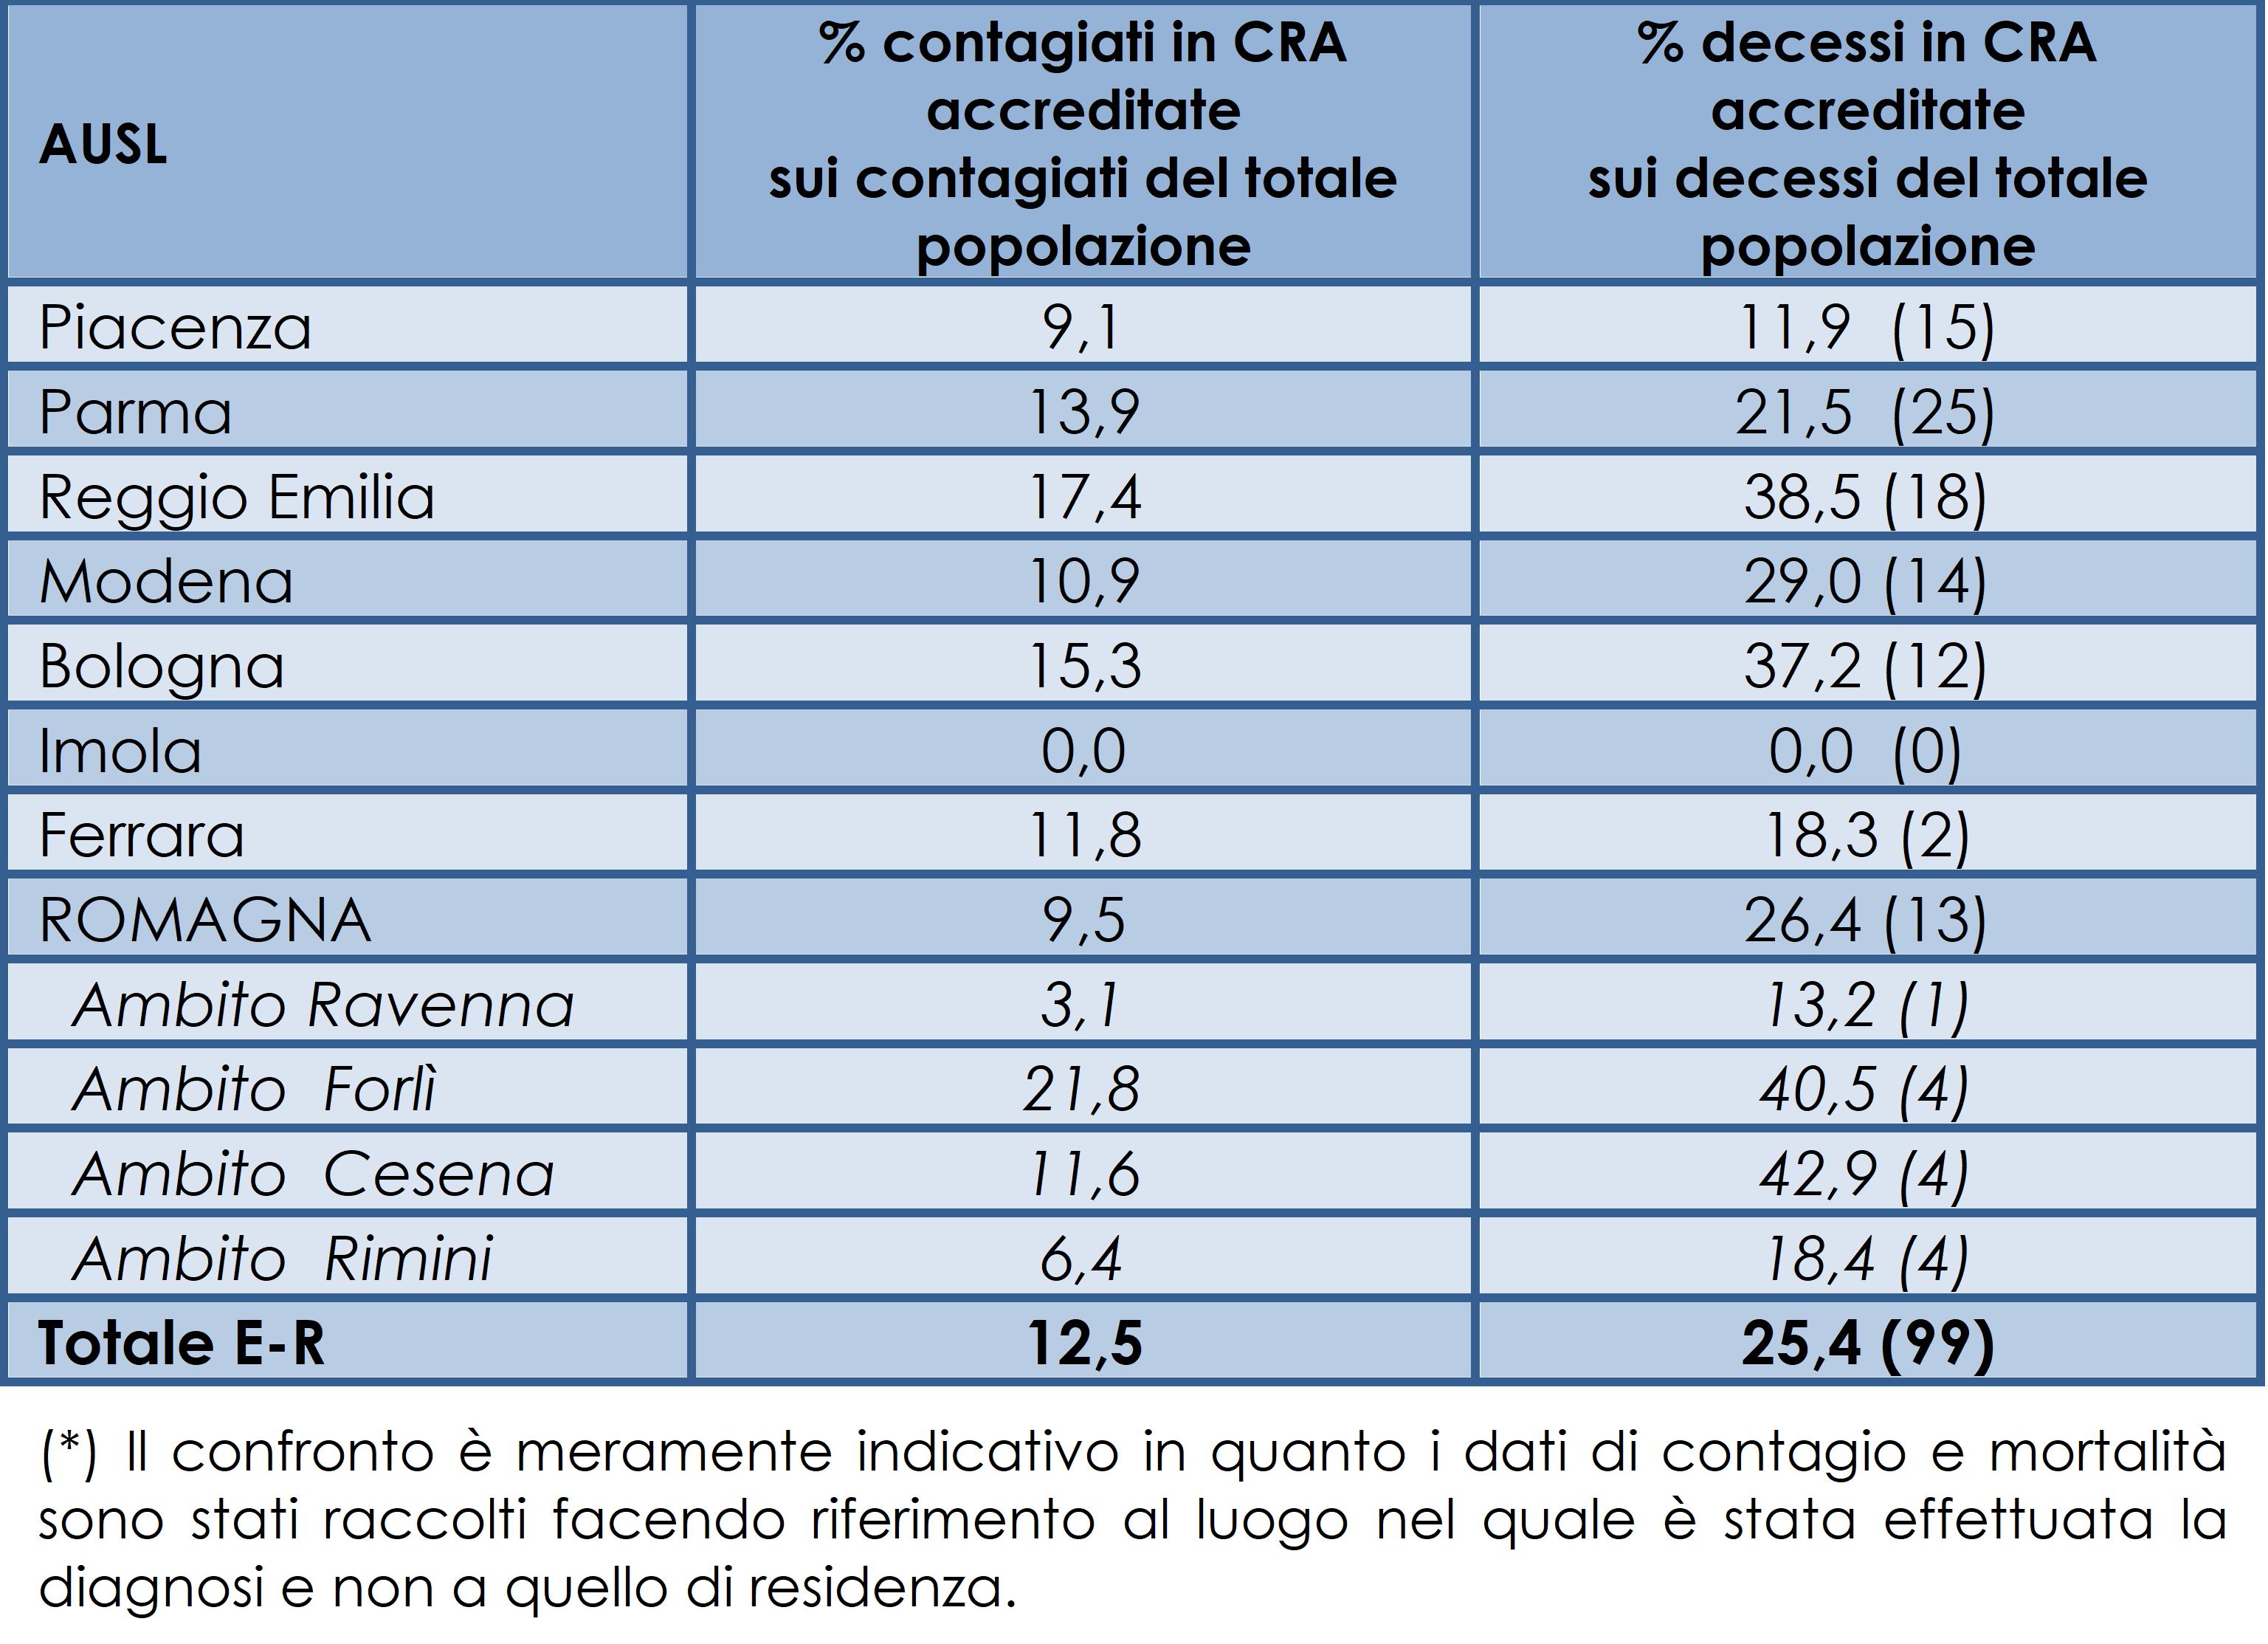 Confronto al 3 giugno 2020 contagiati e deceduti con tampone positivo nelle CRA accreditate rispetto il totale di contagiati e deceduti con tampone positivo. Tra parantesi numero CRA ad alto contagio (*)